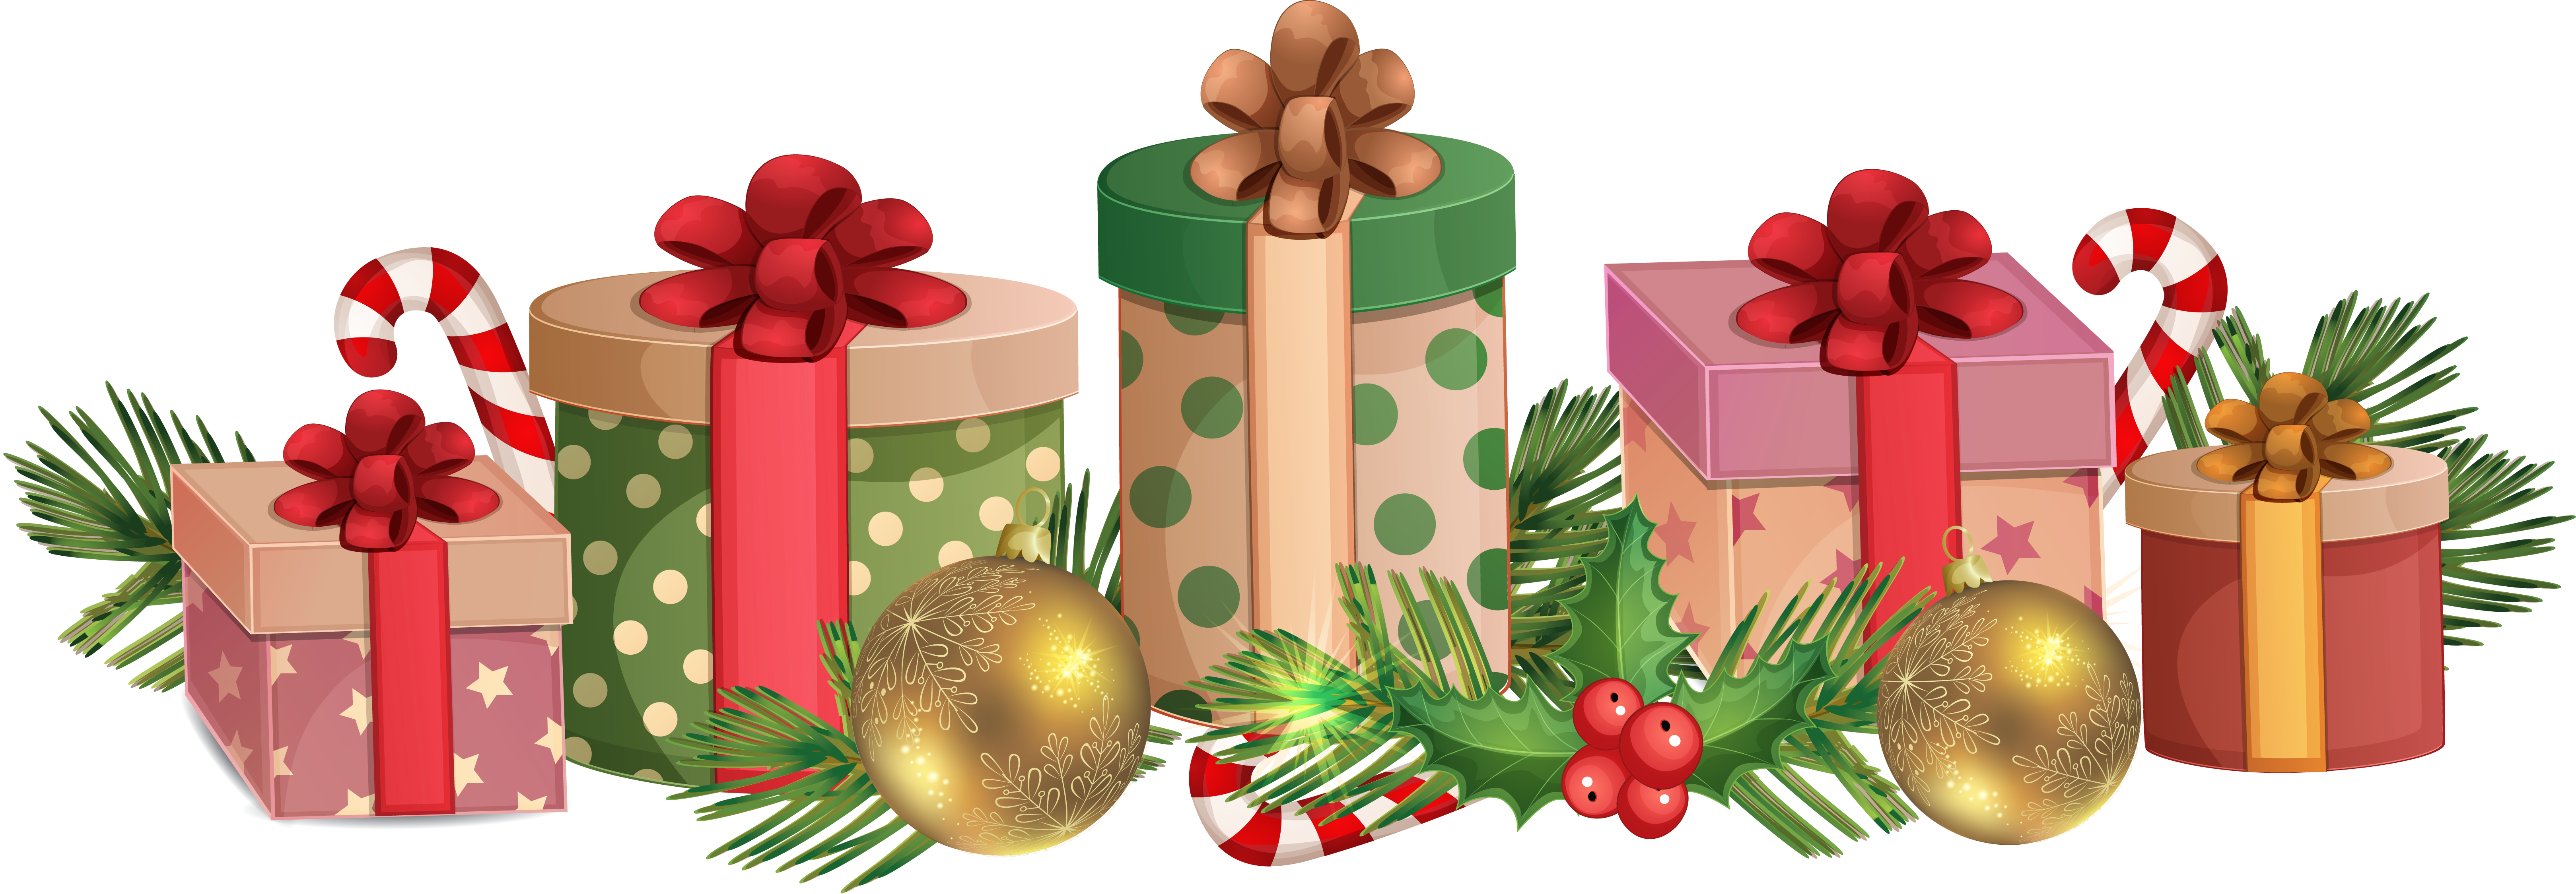 новогодние и рождественские подарки.png